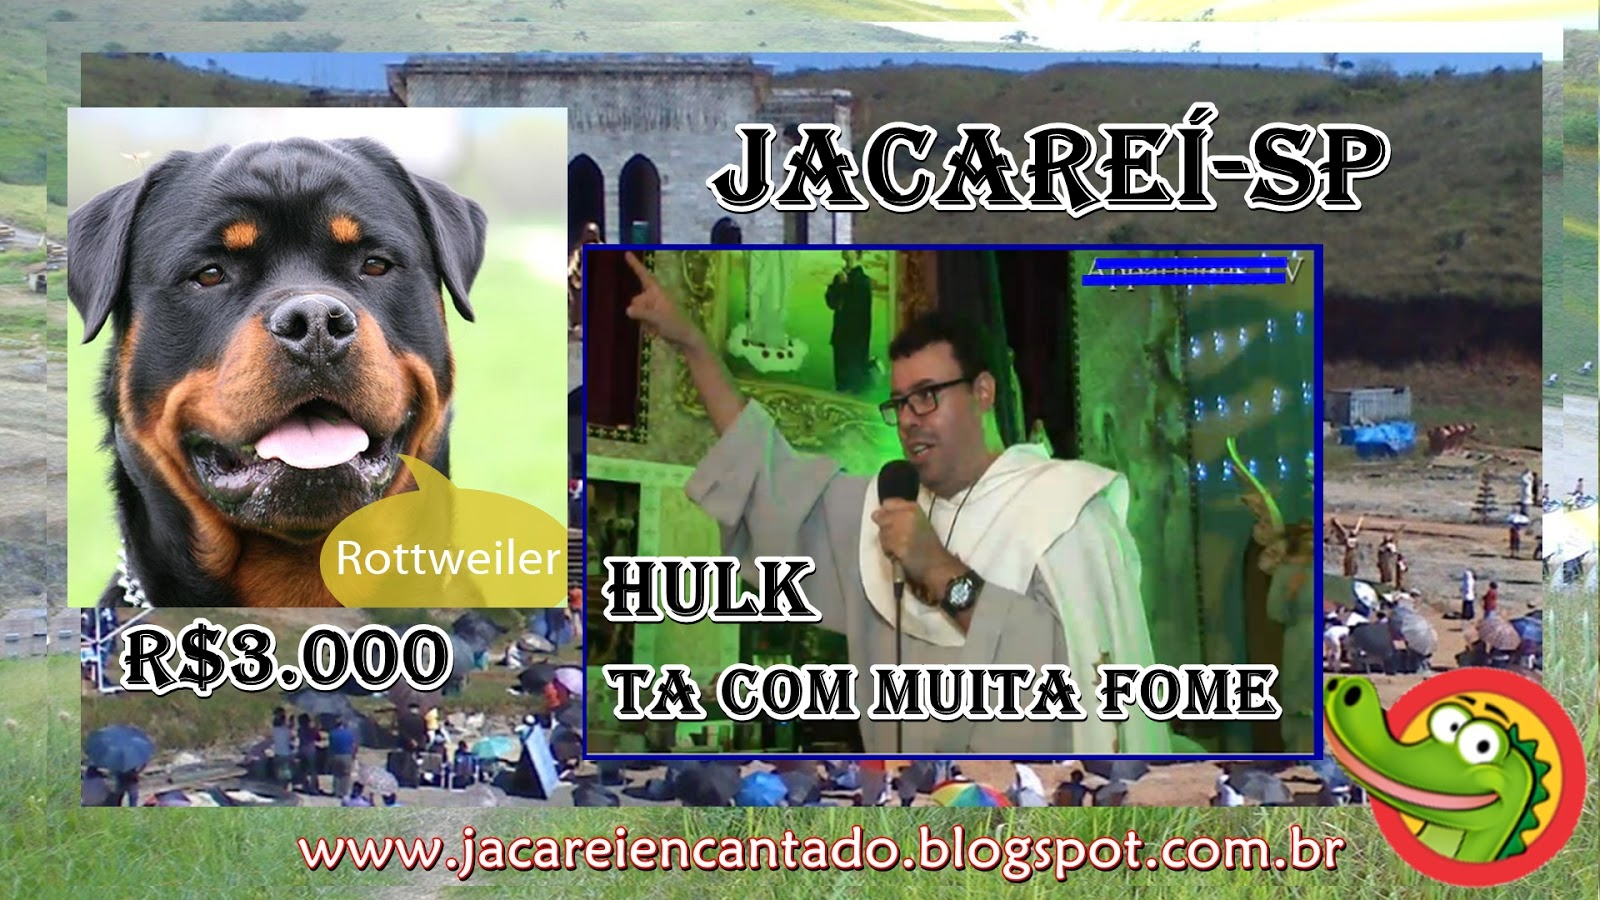 www.jacareiencantado. blog oficial .vidente, sinal, photoshop Santuário das Aparições de Jacareí SP. são falsas. são verdadeiras, farsa,